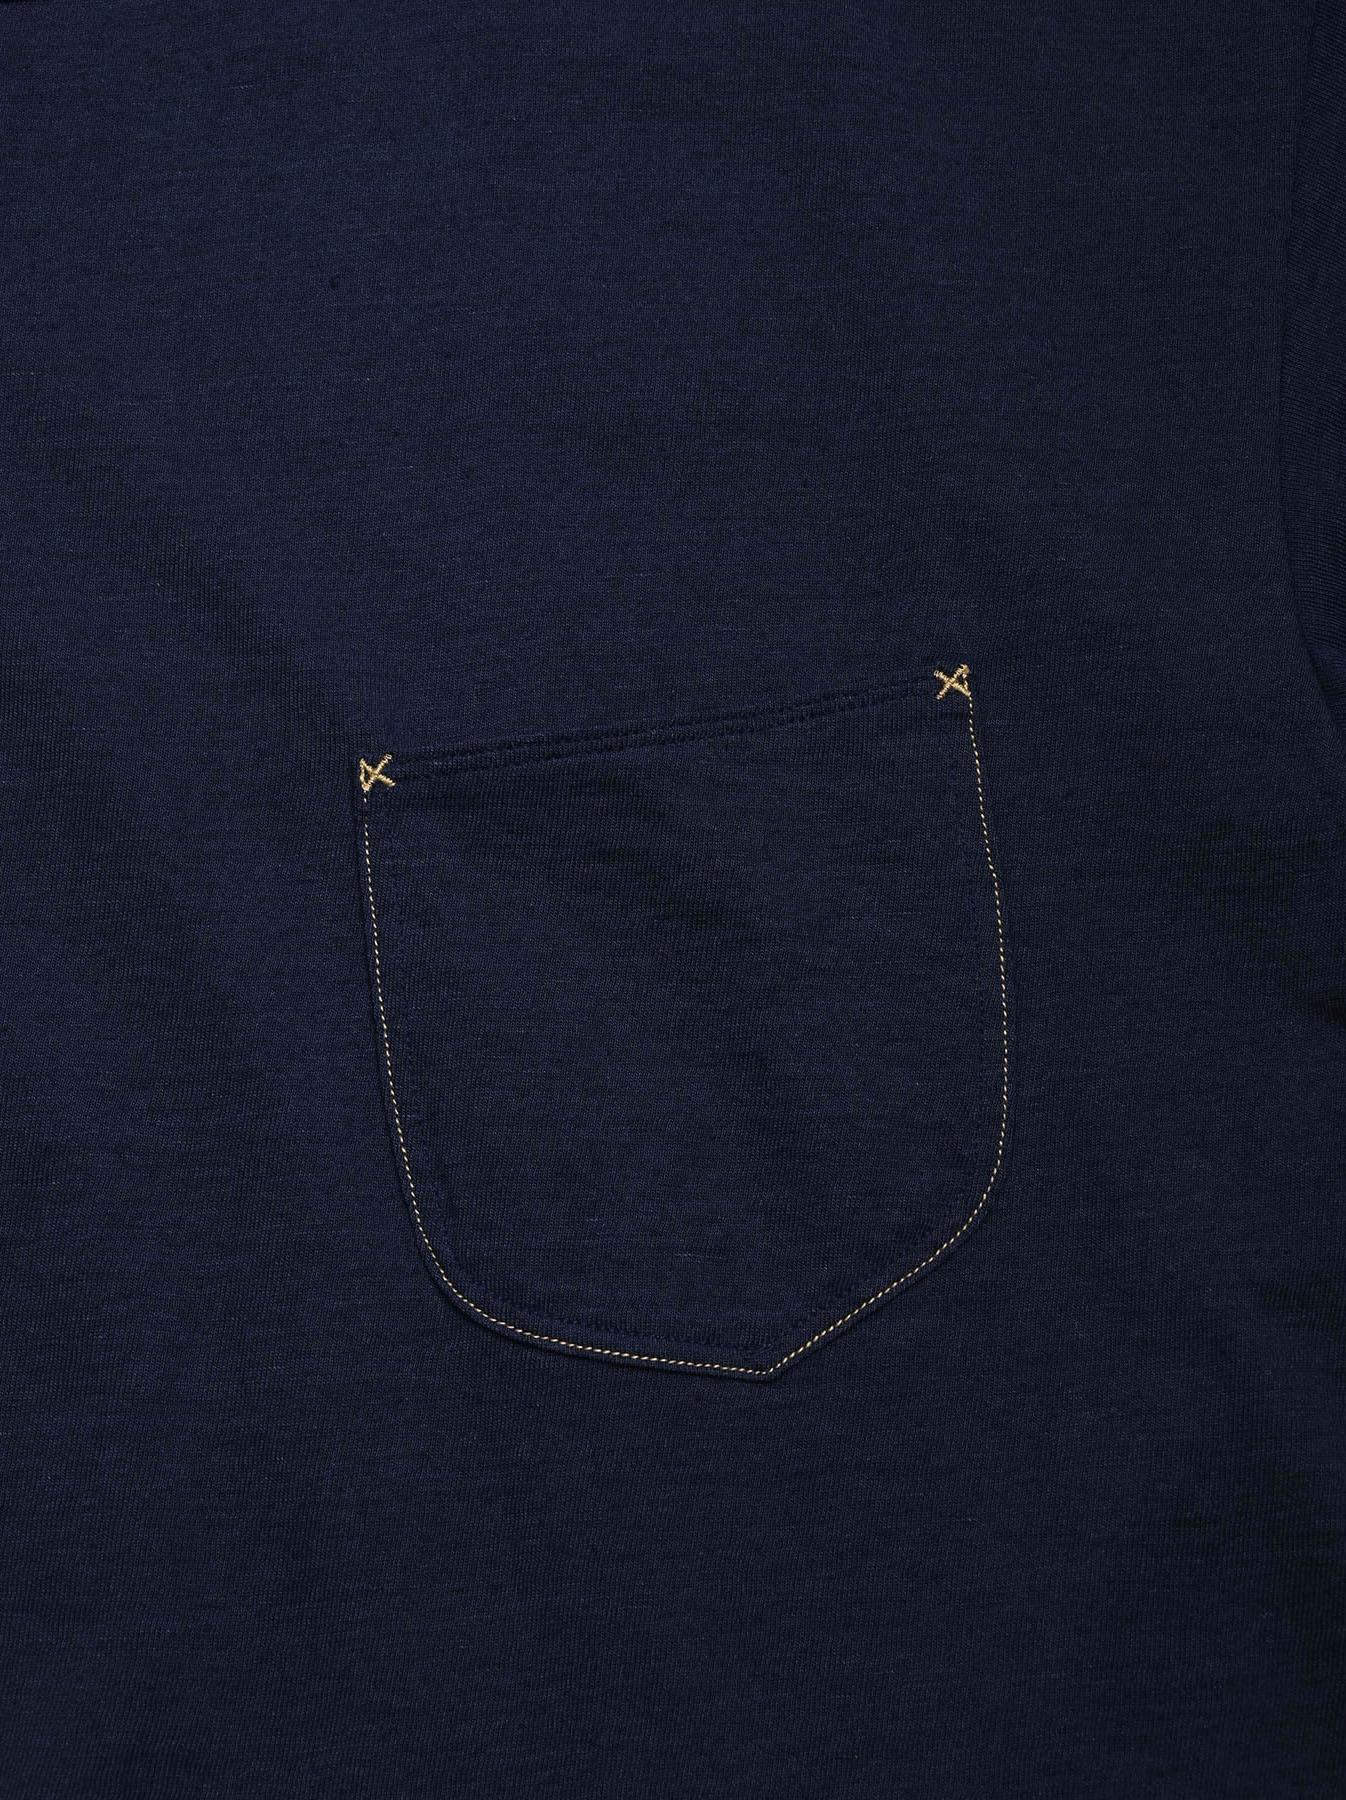 Indigo Tenjiku 908 Ocean T-Shirt (0621)-11